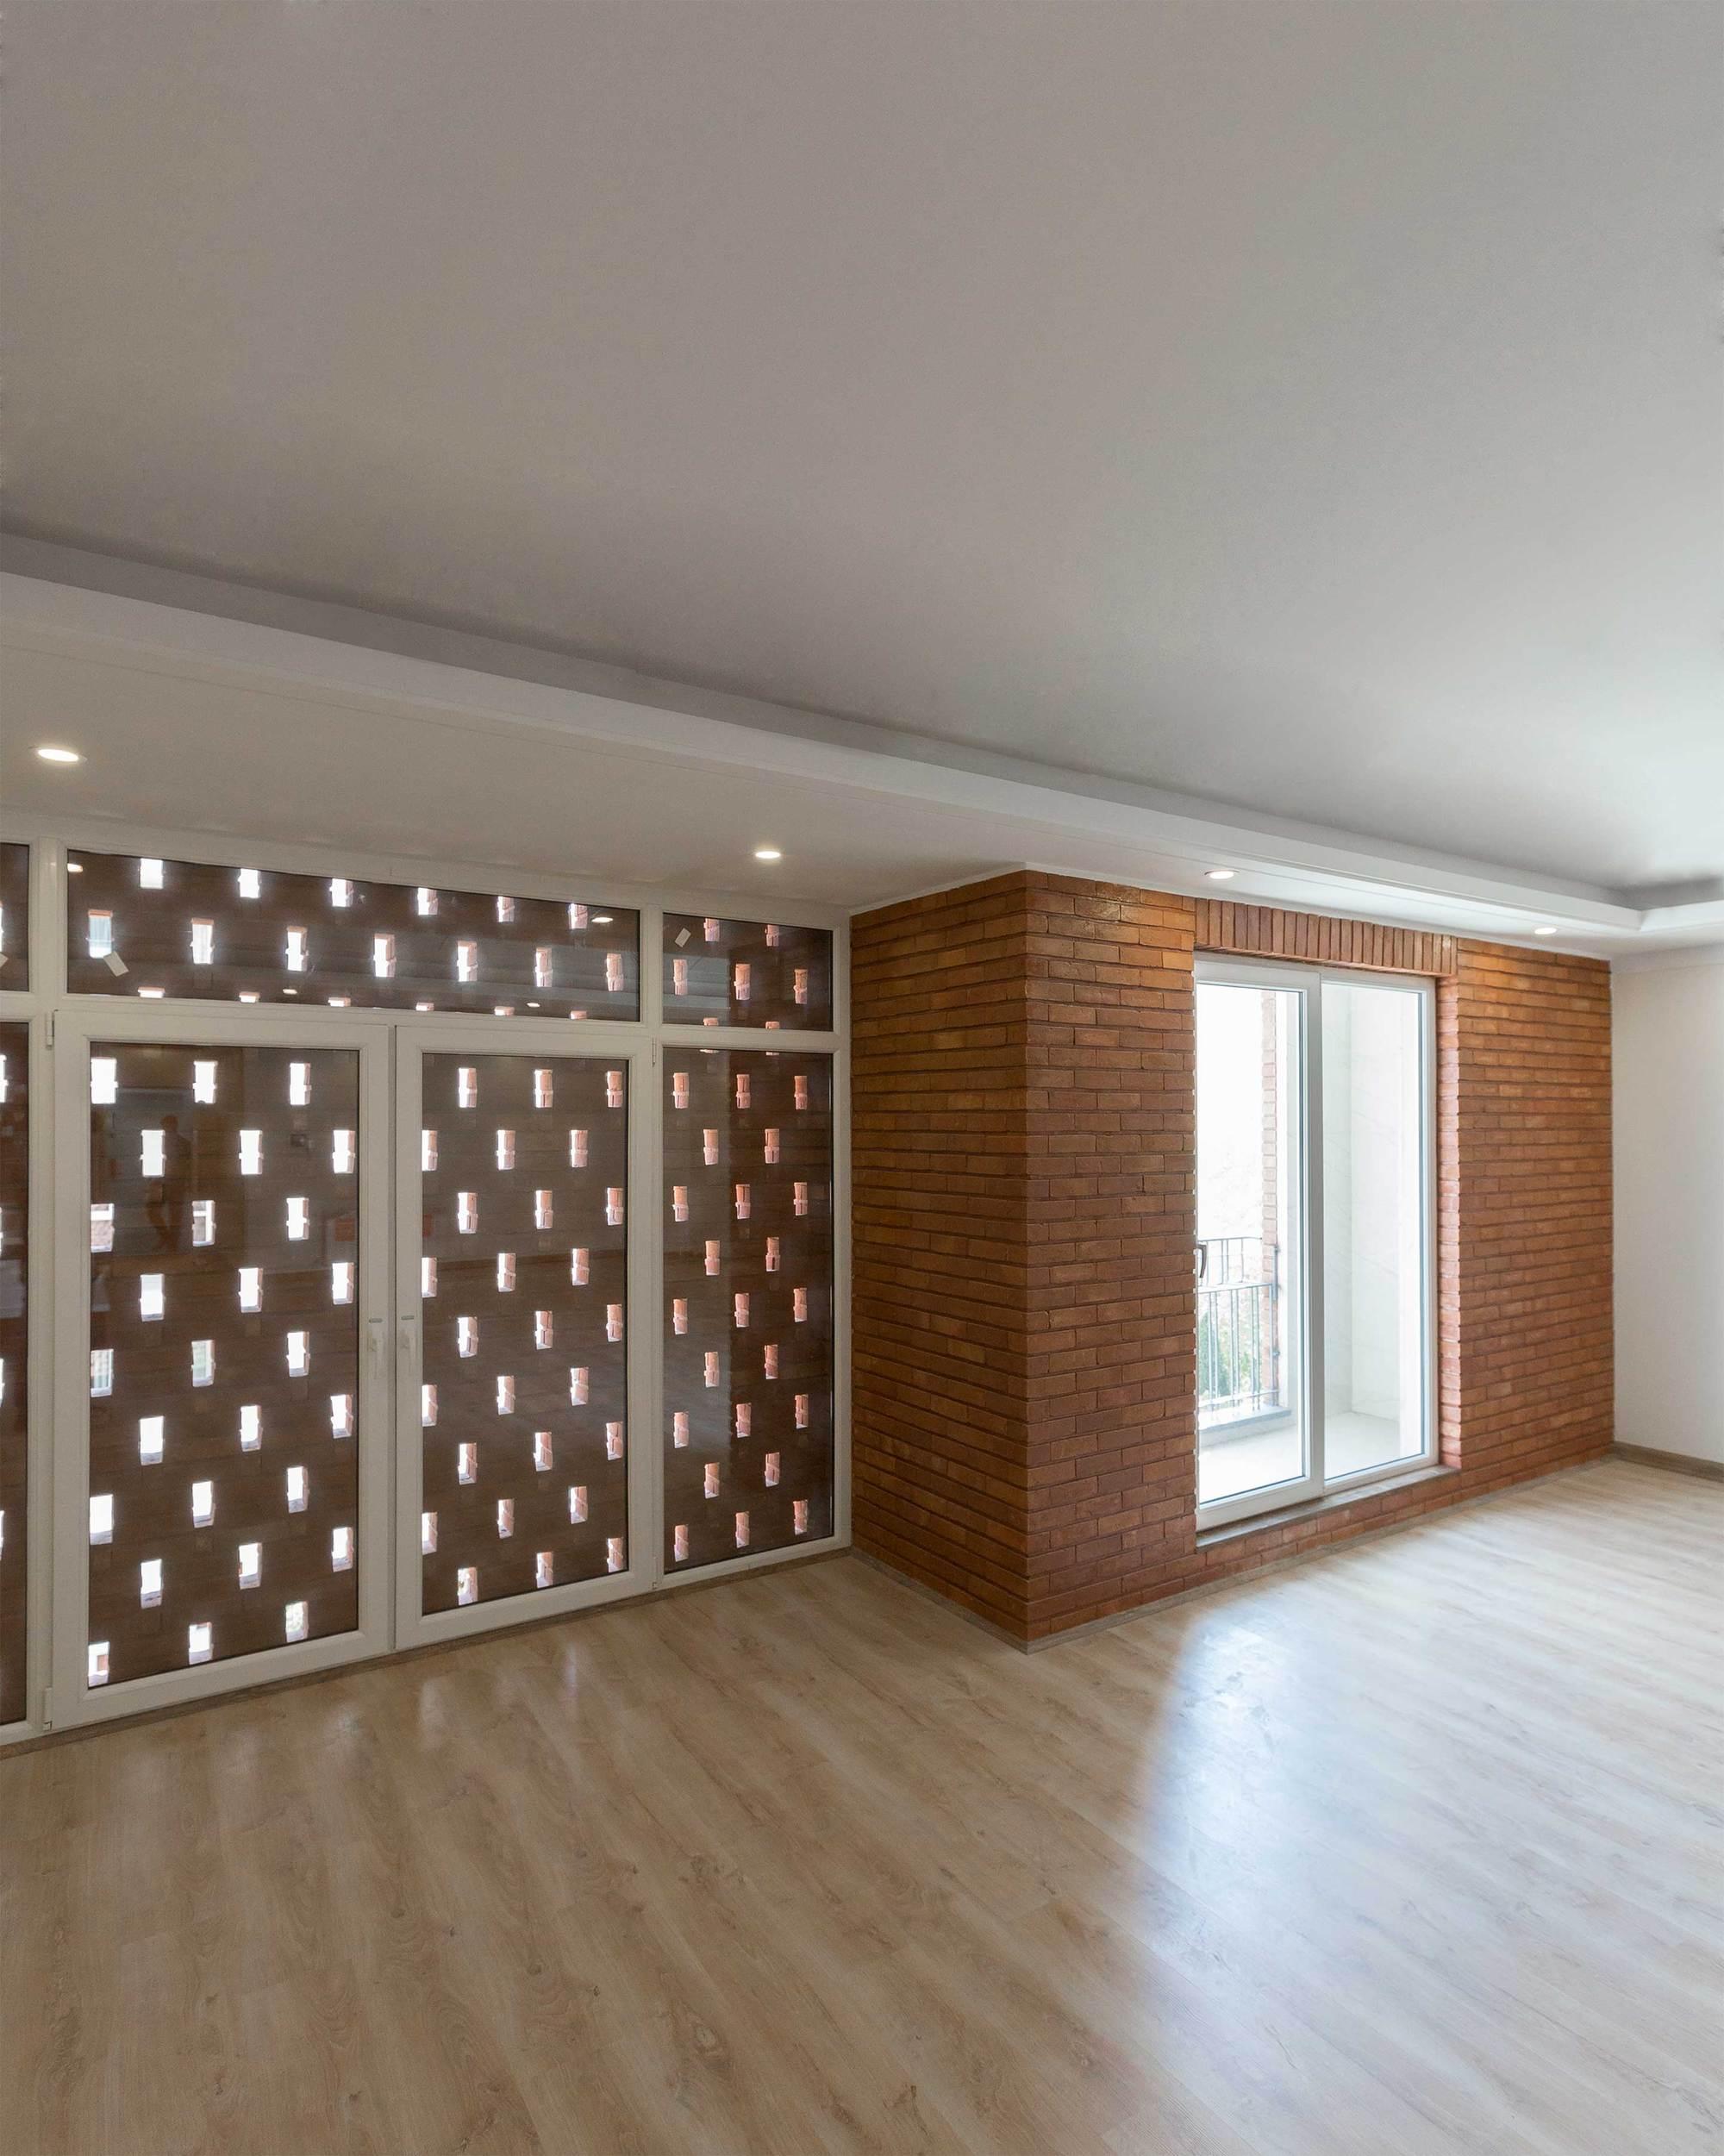 Galera de Edificio Residencial ELKA DAAL